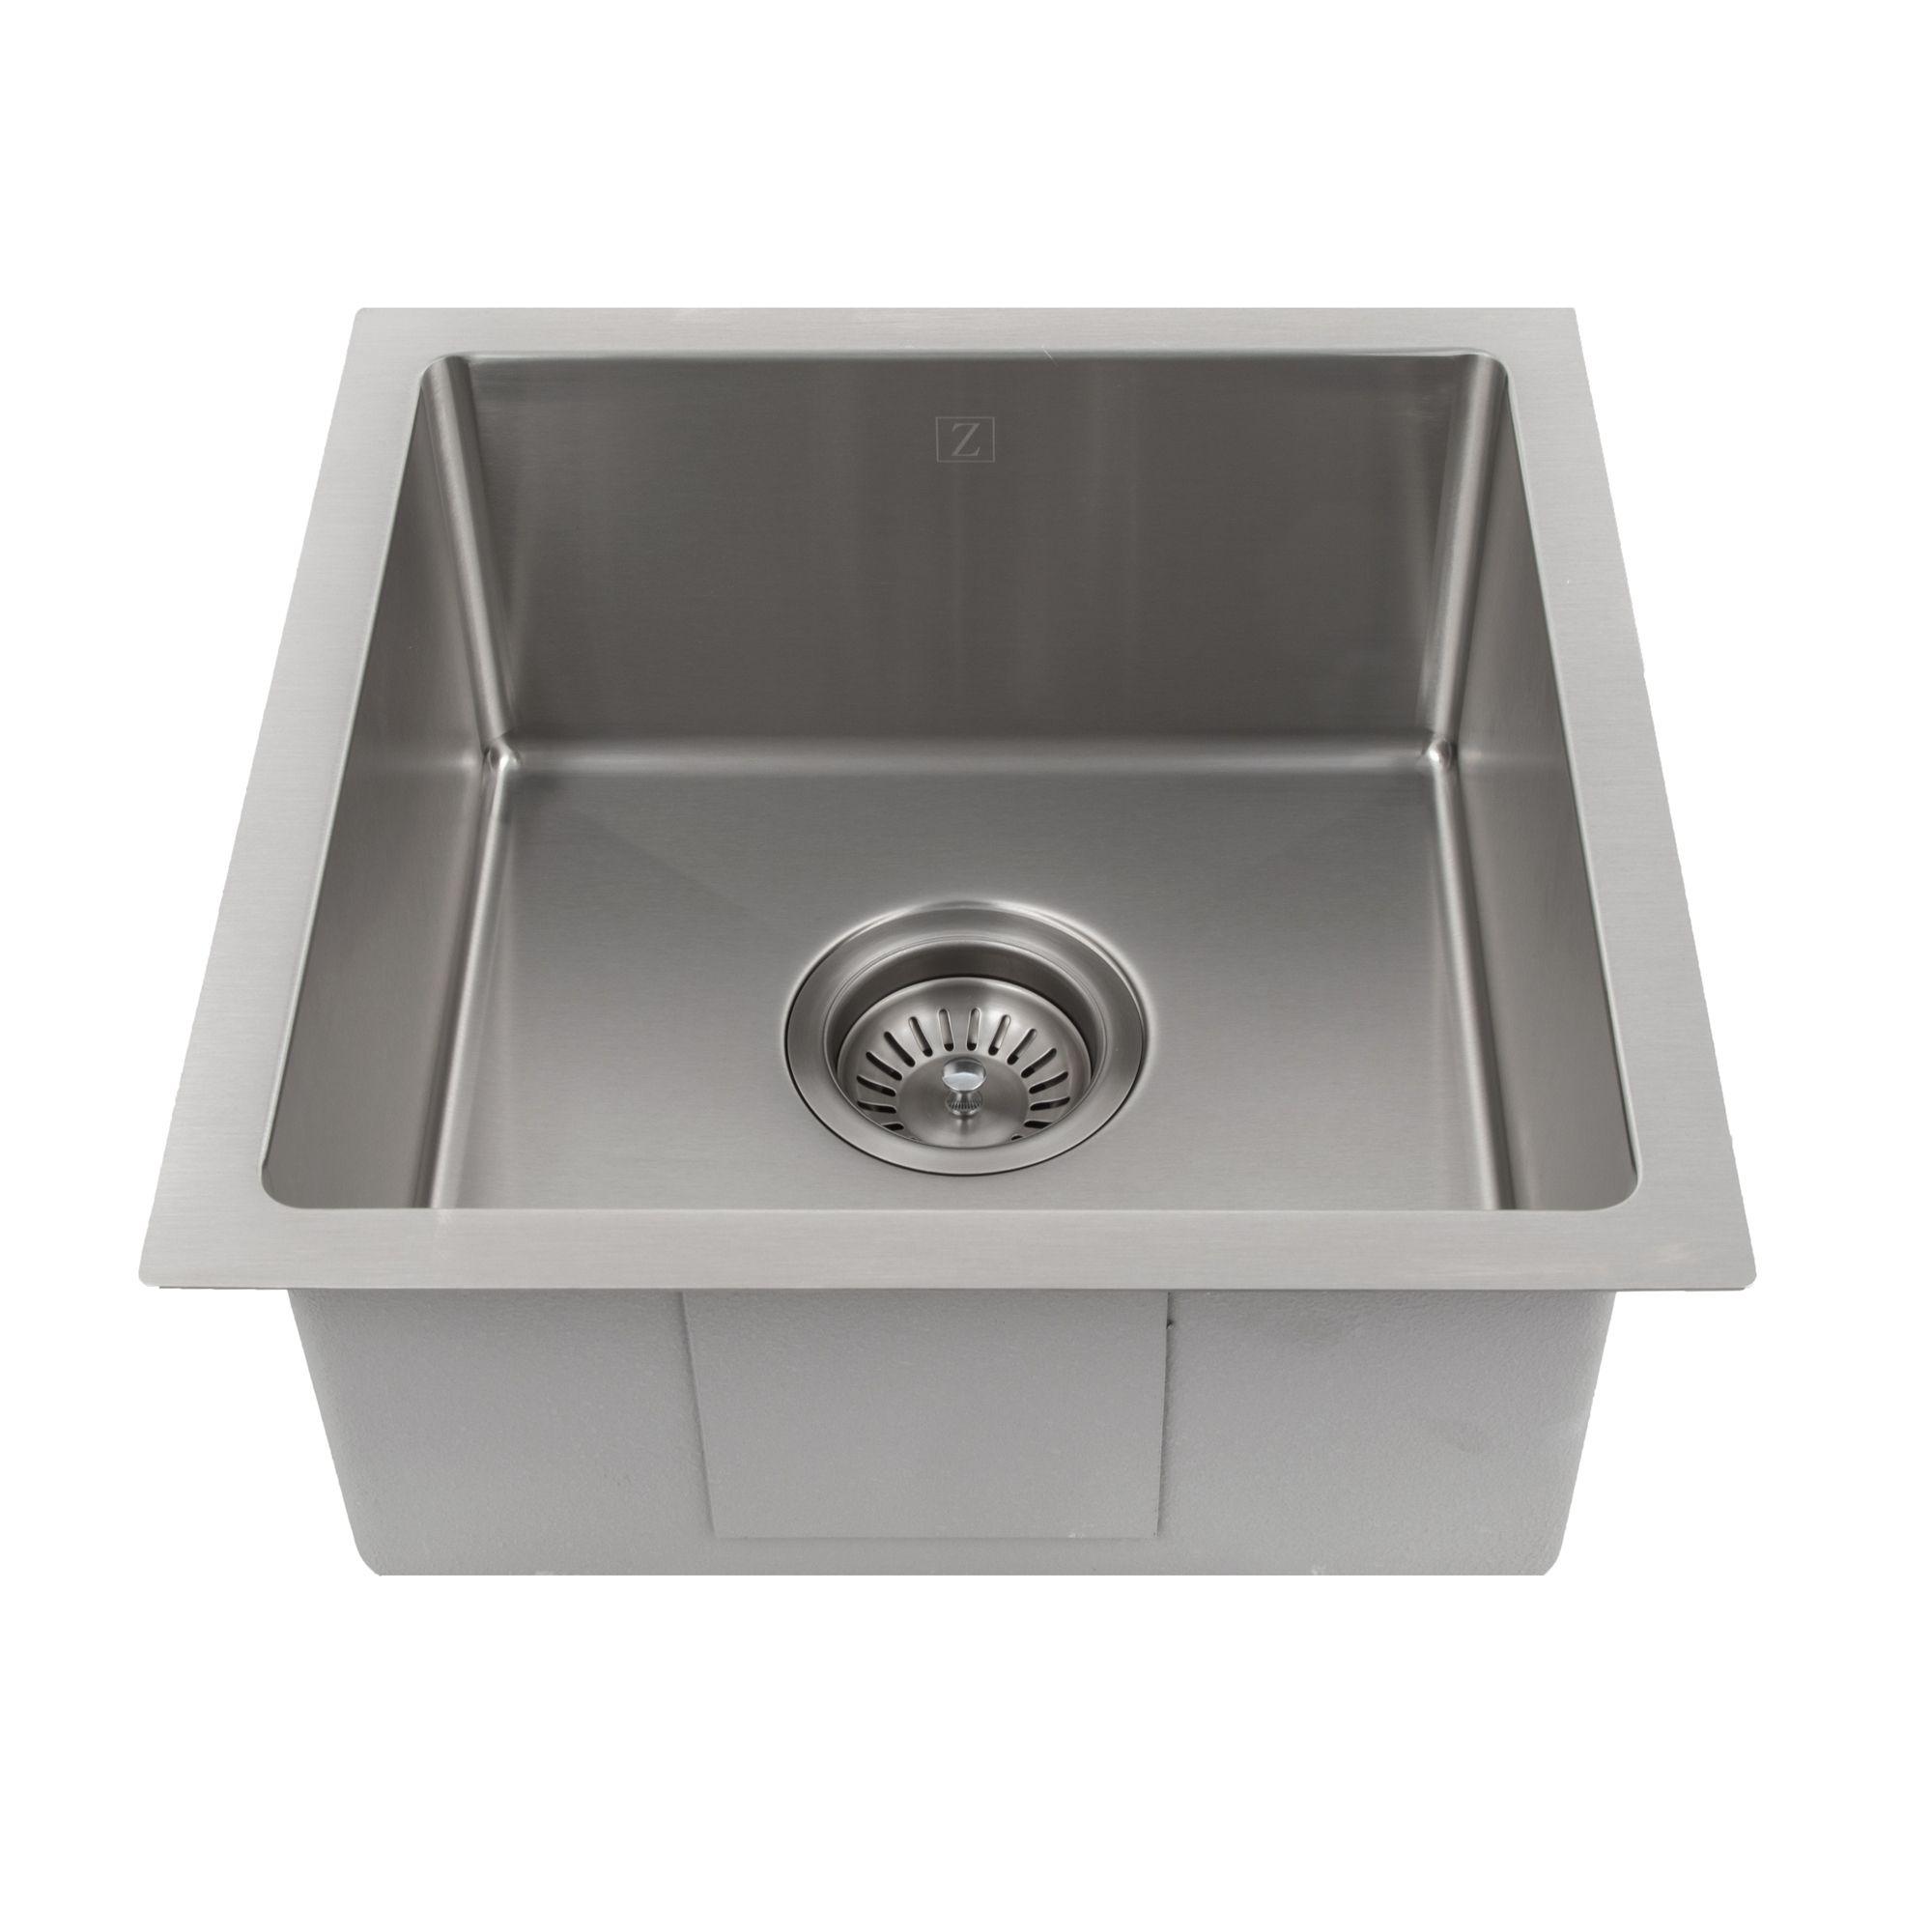 Undermount Stainless Steel Kitchen Sink 27 Inch Undermount